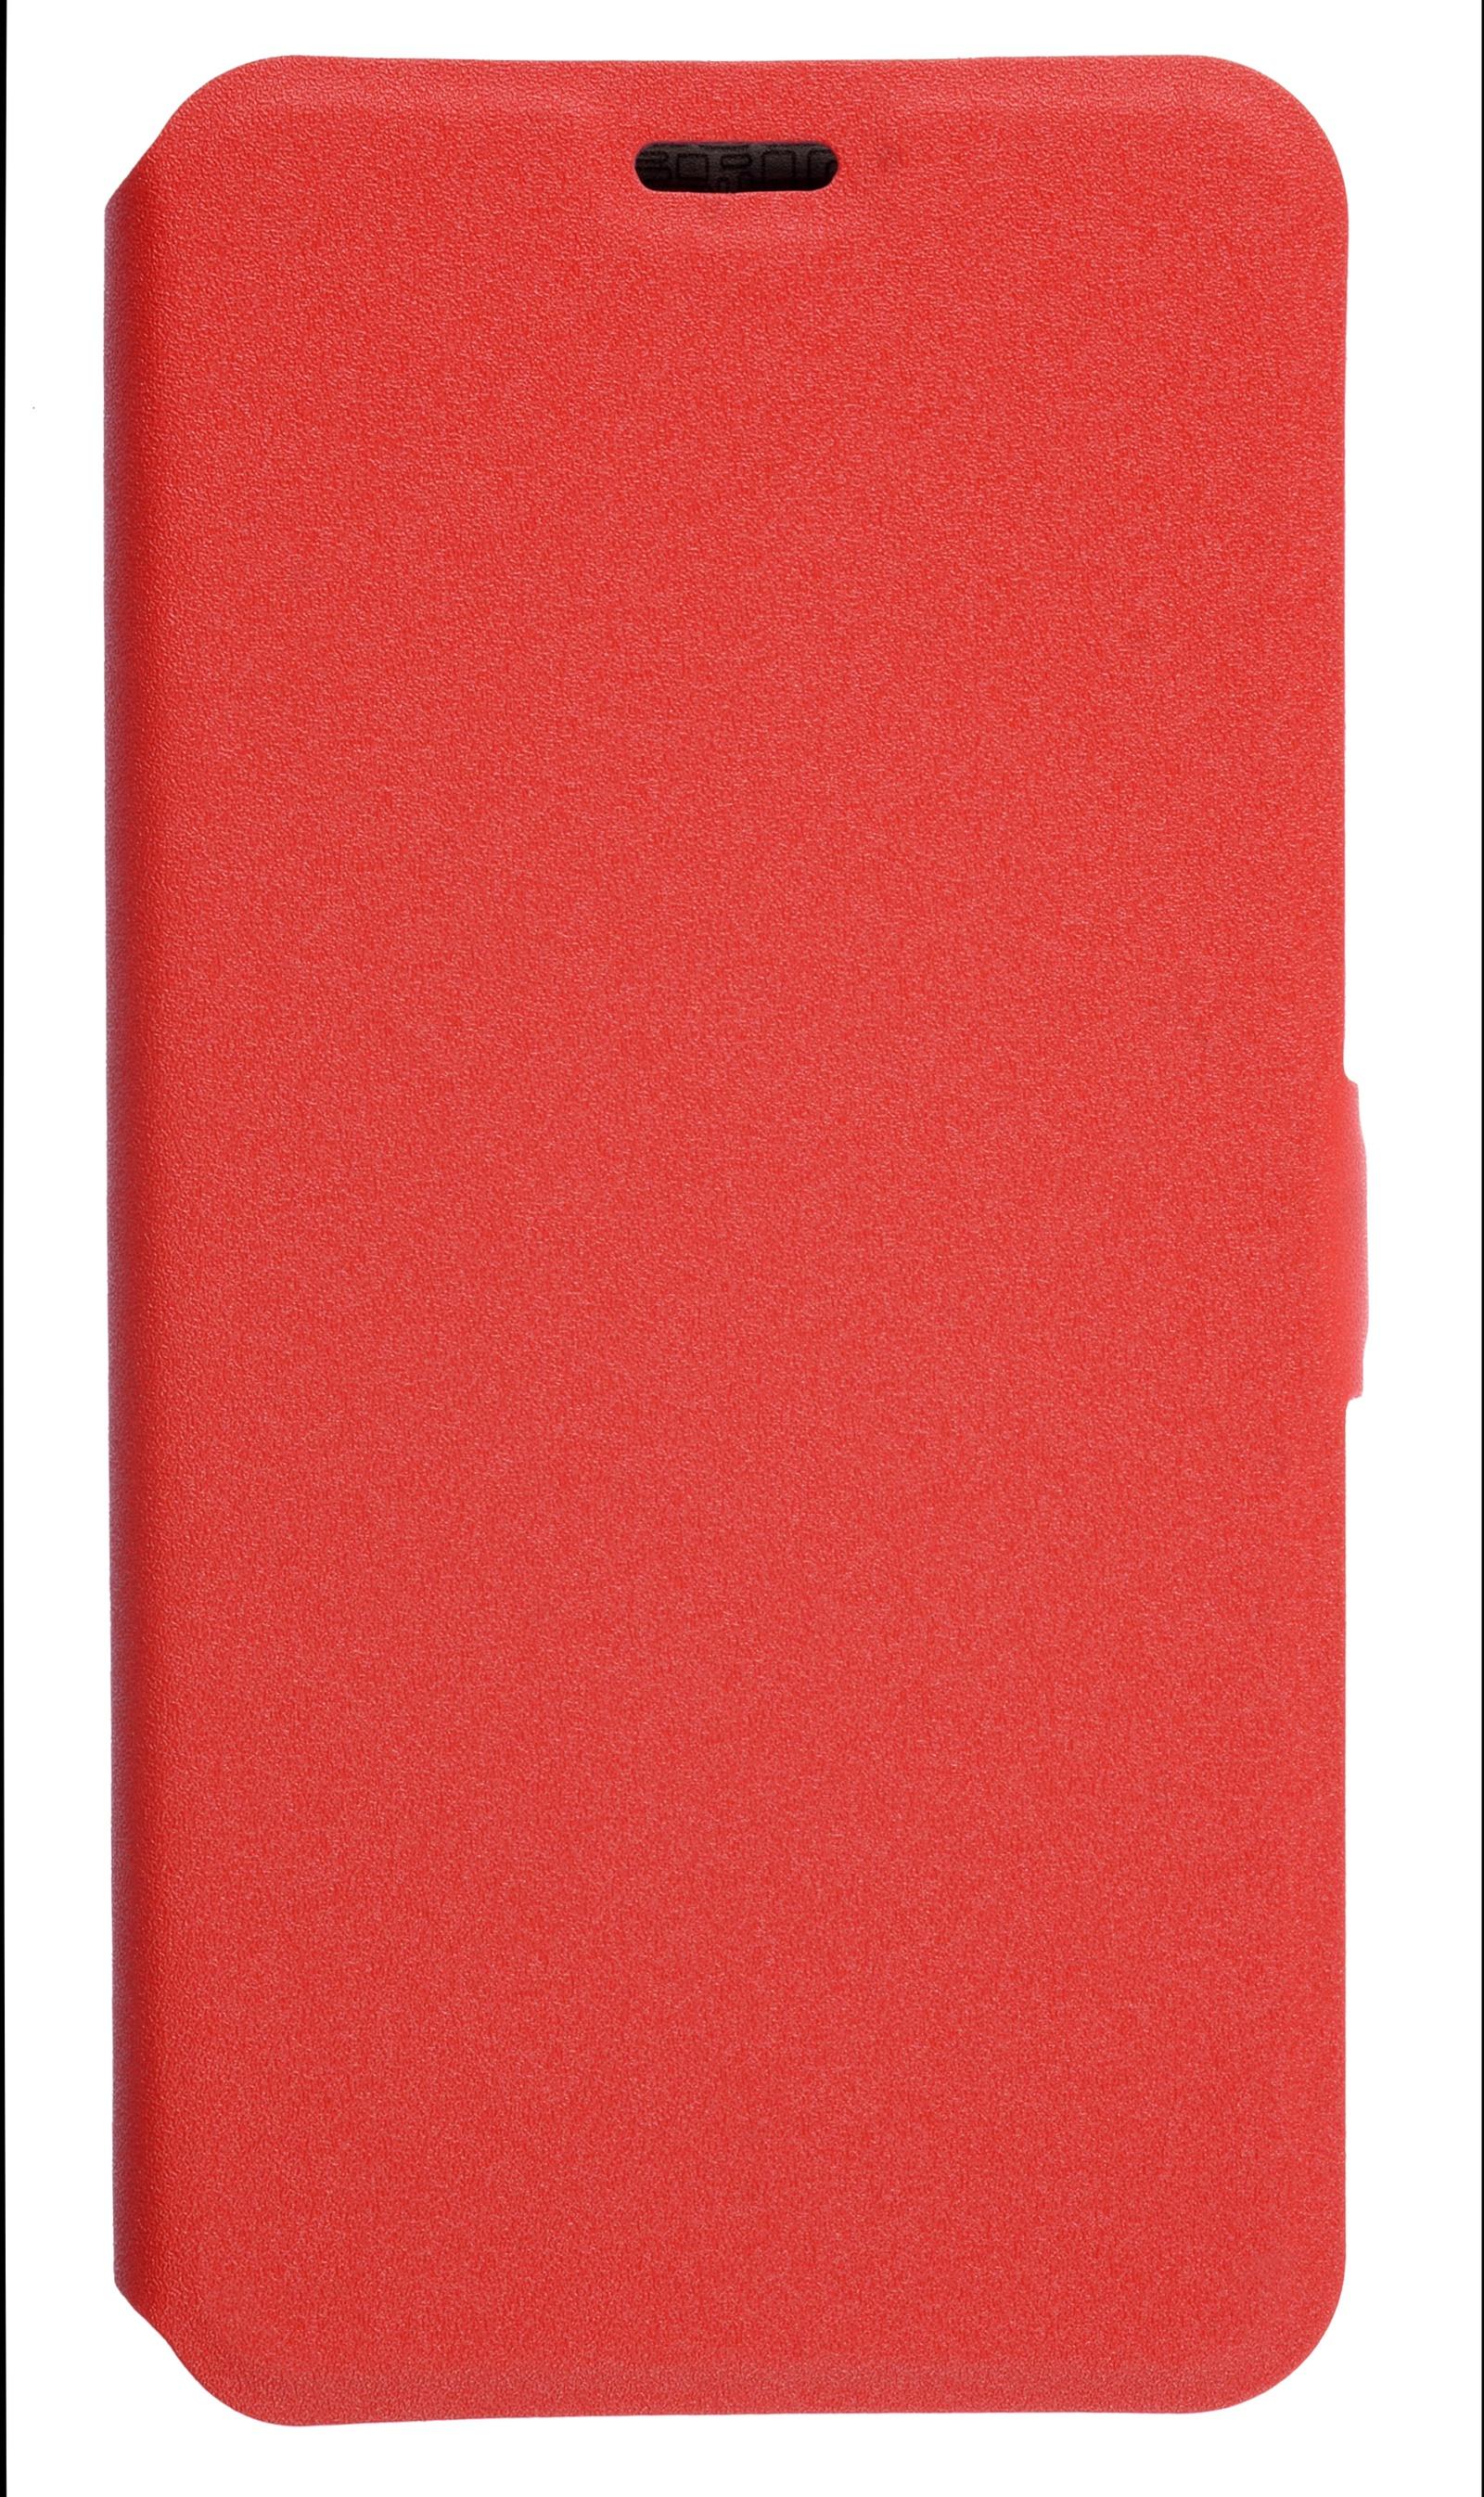 цена на Чехол для сотового телефона PRIME Book, 4630042529540, красный